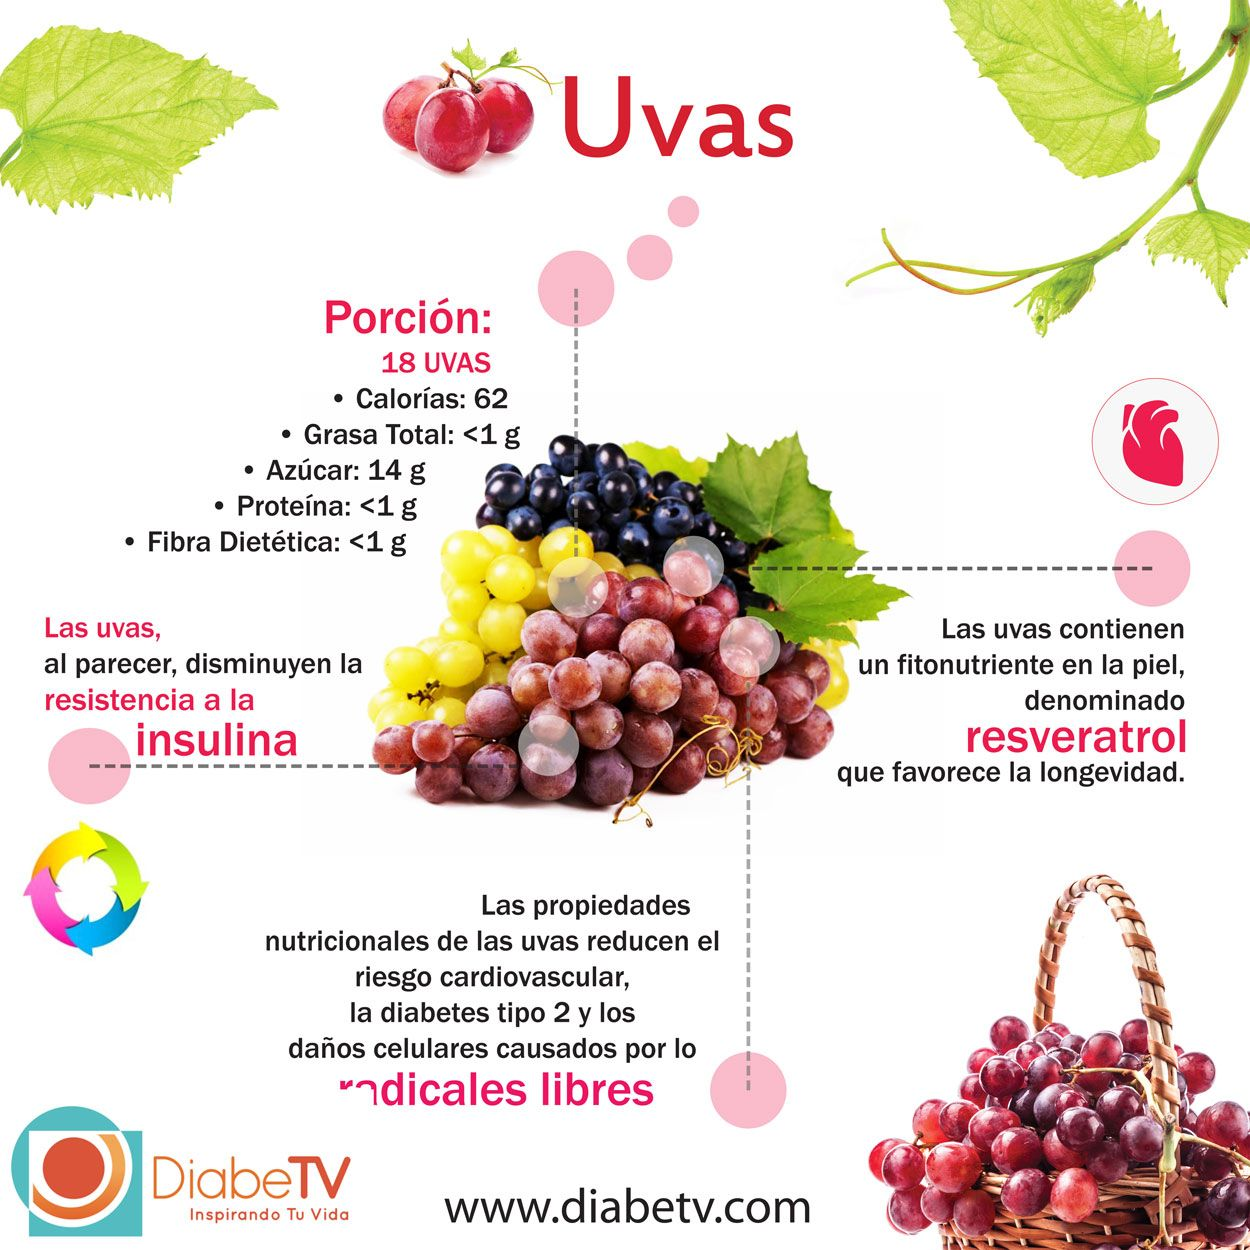 Los diabeticos si pueden comer uvas.- FRUTAS PARA LA